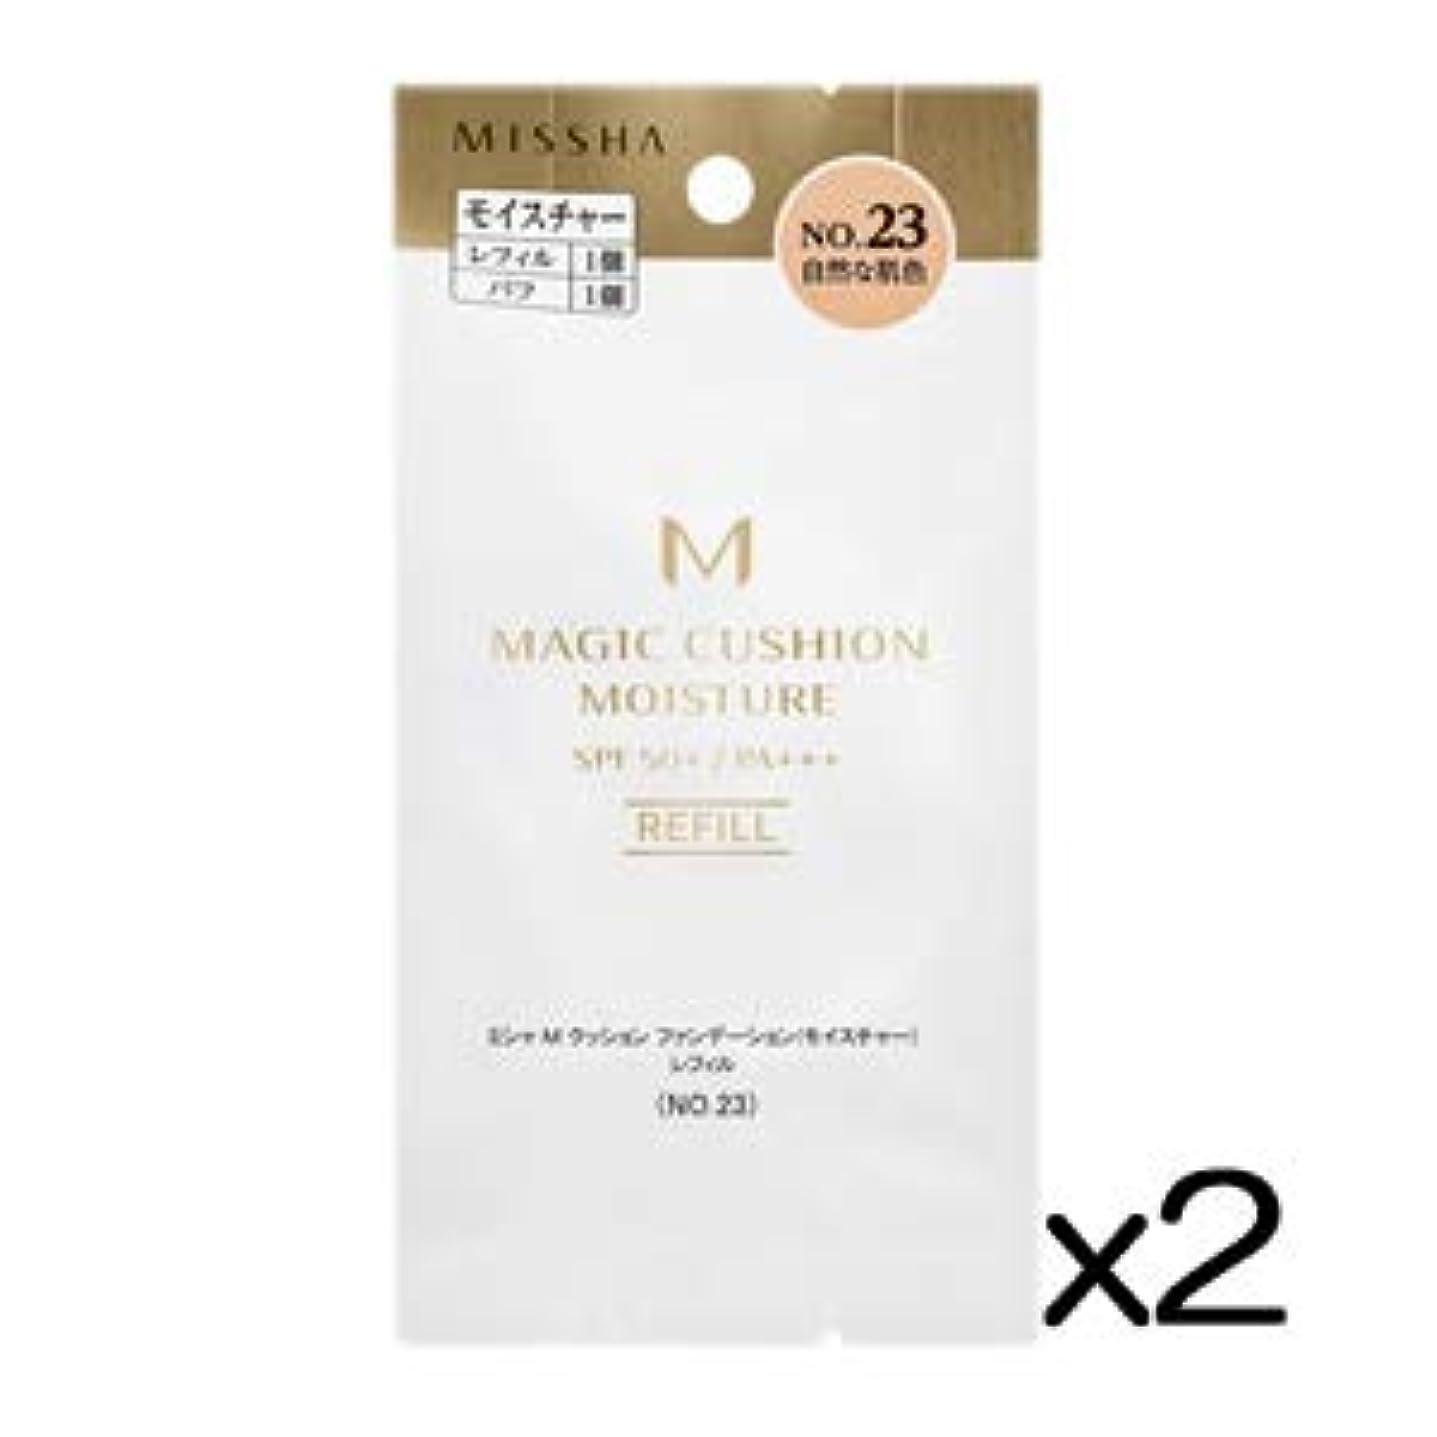 反動文明化中国ミシャ M クッション ファンデーション (モイスチャー) No.23 自然な肌色 レフィル 15g×2個セット